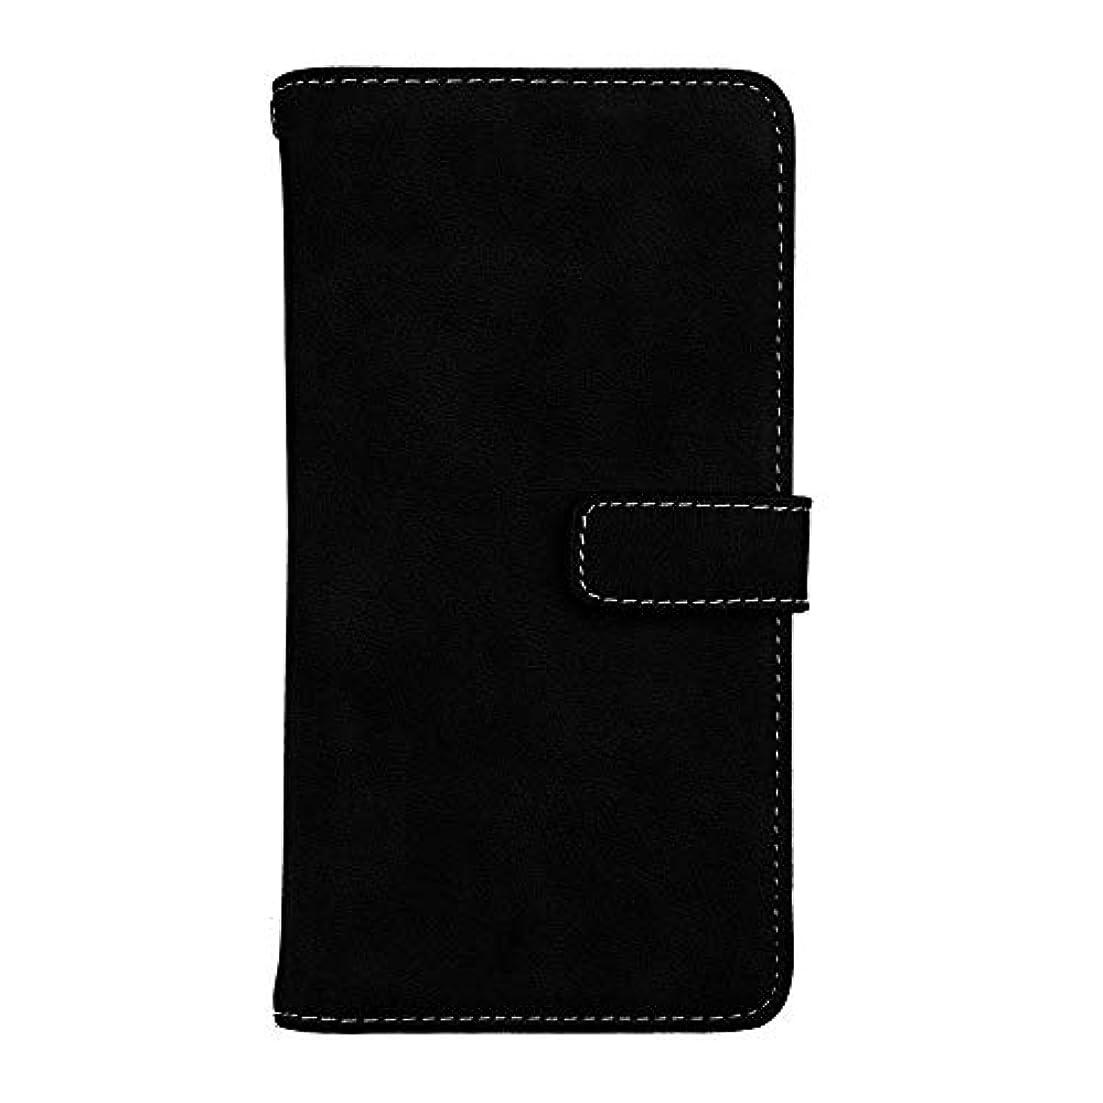 に対応椅子透明にXiaomi Redmi Note 5 高品質 マグネット ケース, CUNUS 携帯電話 ケース 軽量 柔軟 高品質 耐摩擦 カード収納 カバー Xiaomi Redmi Note 5 用, ブラック